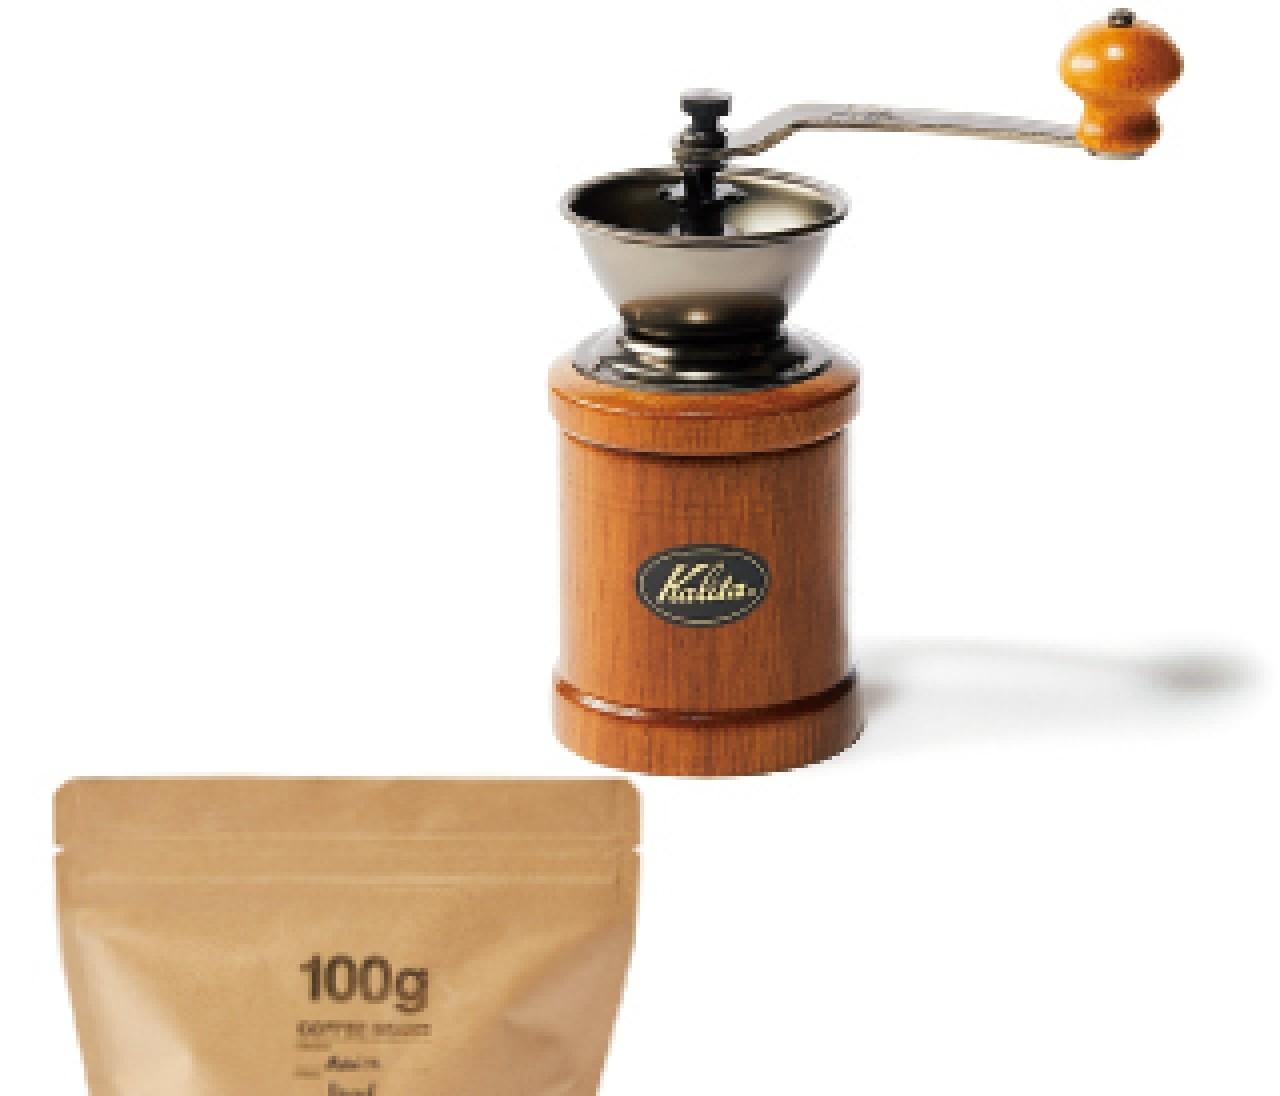 自宅でお店顔負けのコーヒー!?「便利で簡単!コーヒーグッズ」を休日のお供に